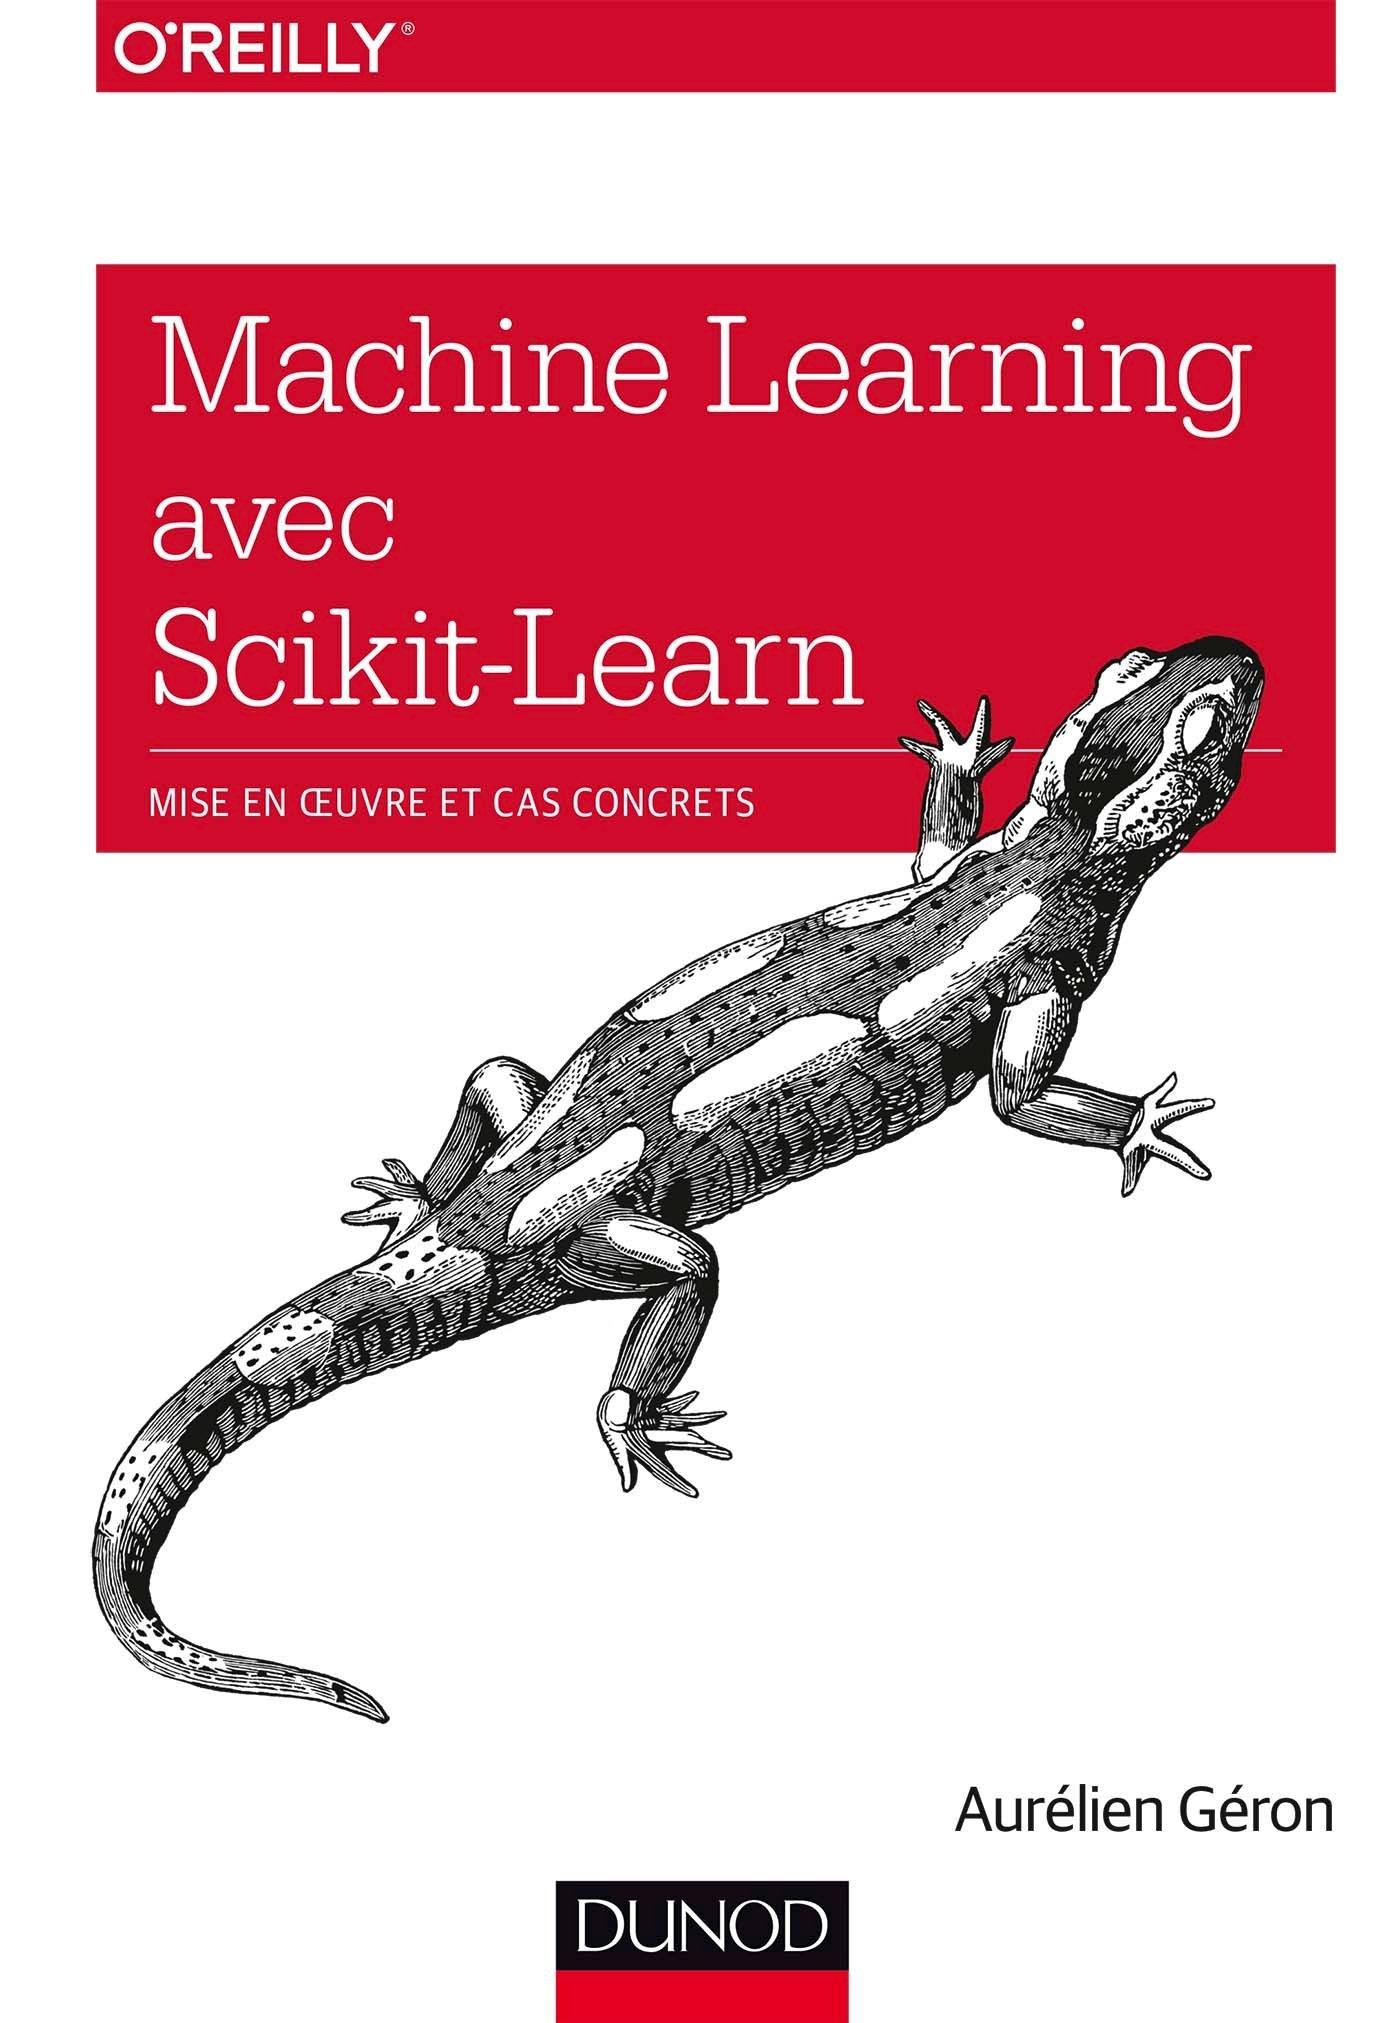 Ressources en francais : livre Machine Learning avec Scikit-Learn par Aurlélien Géron